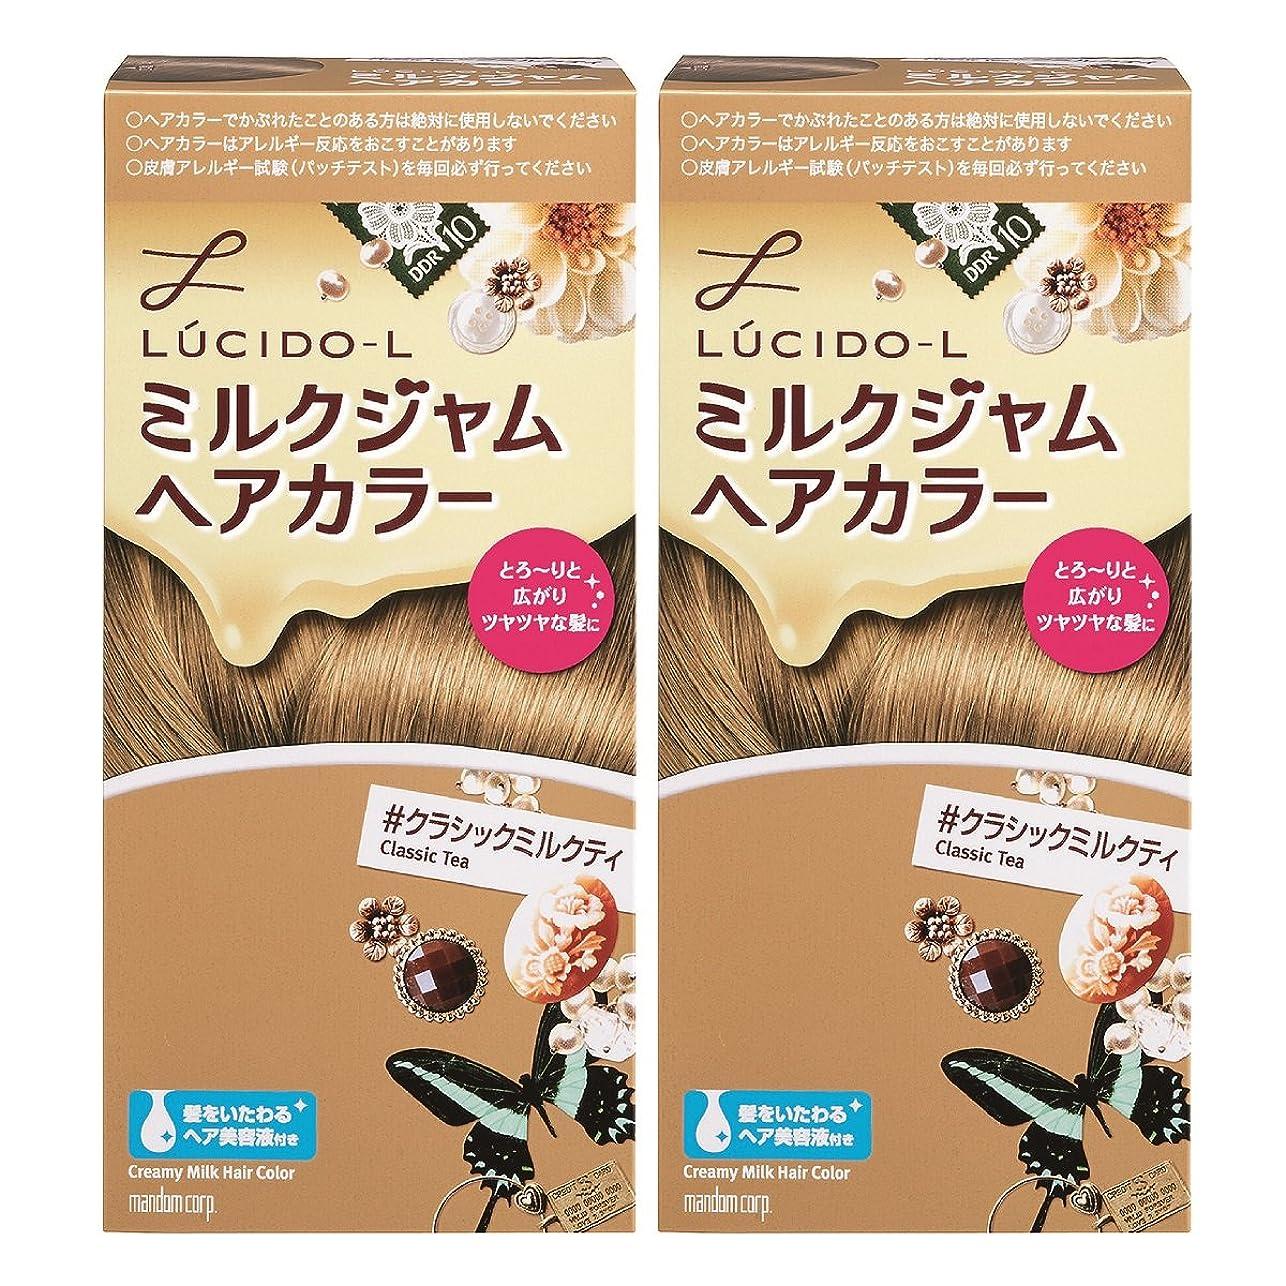 あるソロ色【まとめ買い】LUCIDO-L (ルシードエル) ミルクジャムヘアカラー #クラシックミルクティ×2個パック(医薬部外品)